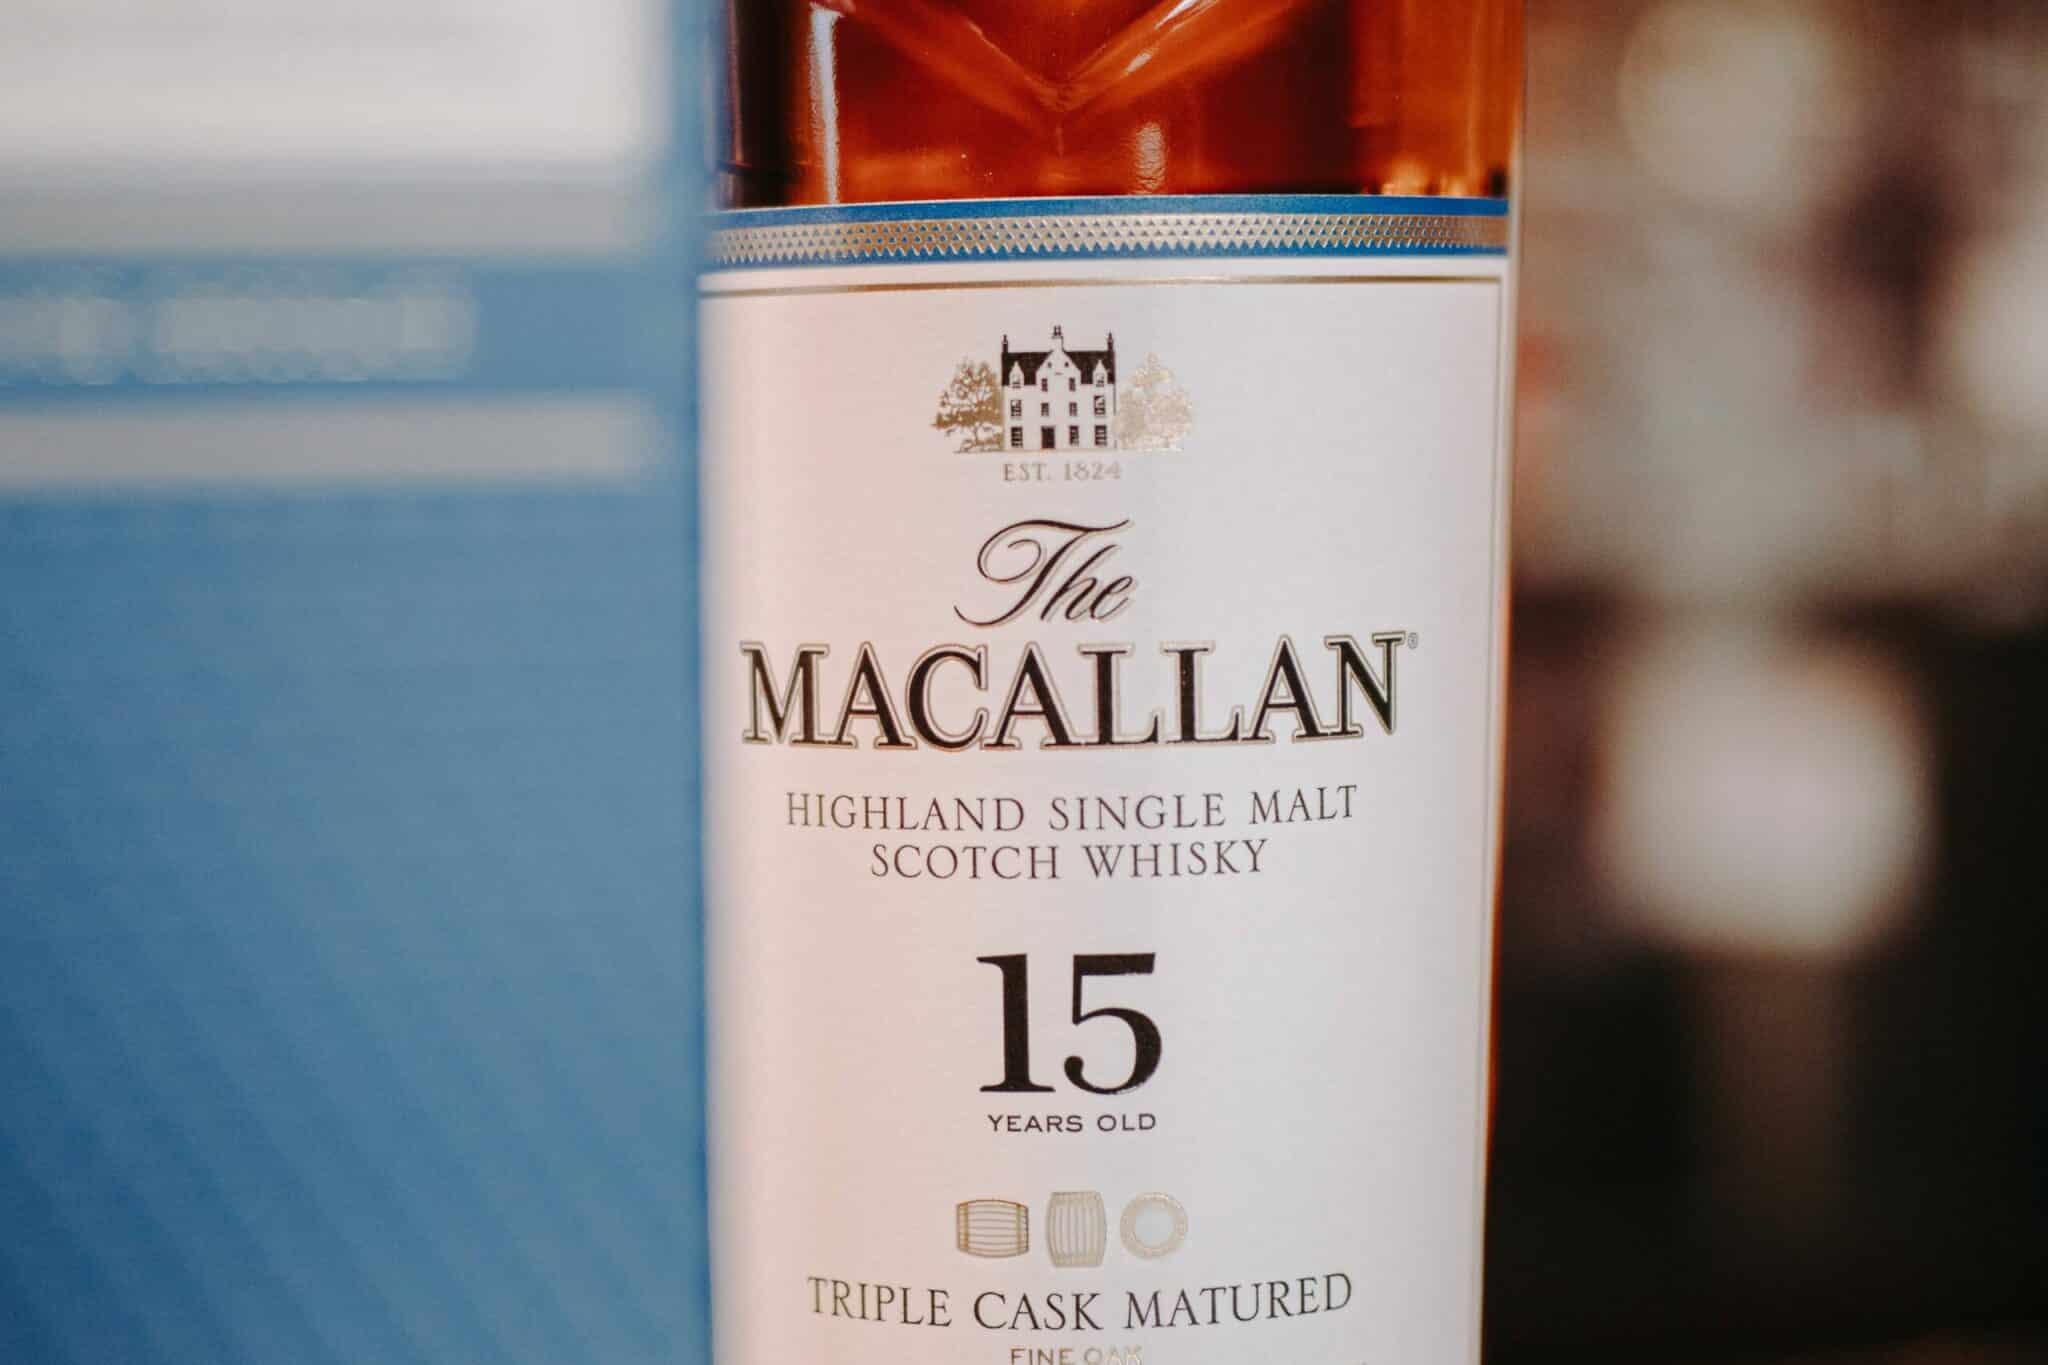 Bottle of macallan 15 years